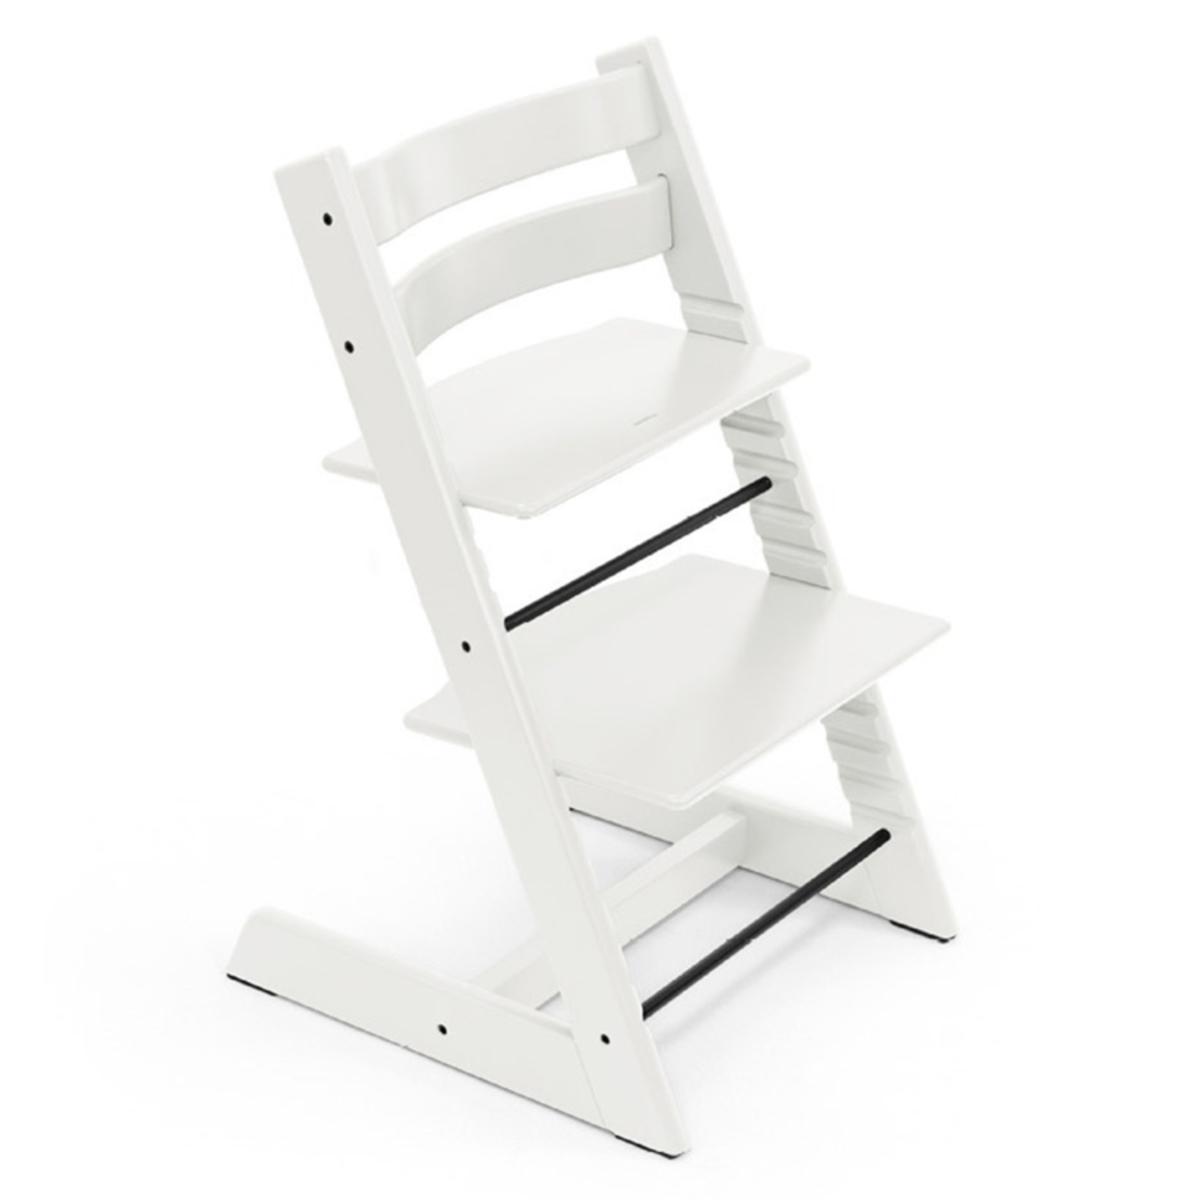 Chaise haute Chaise Haute Tripp Trapp - Blanc Chaise Haute Tripp Trapp - Blanc